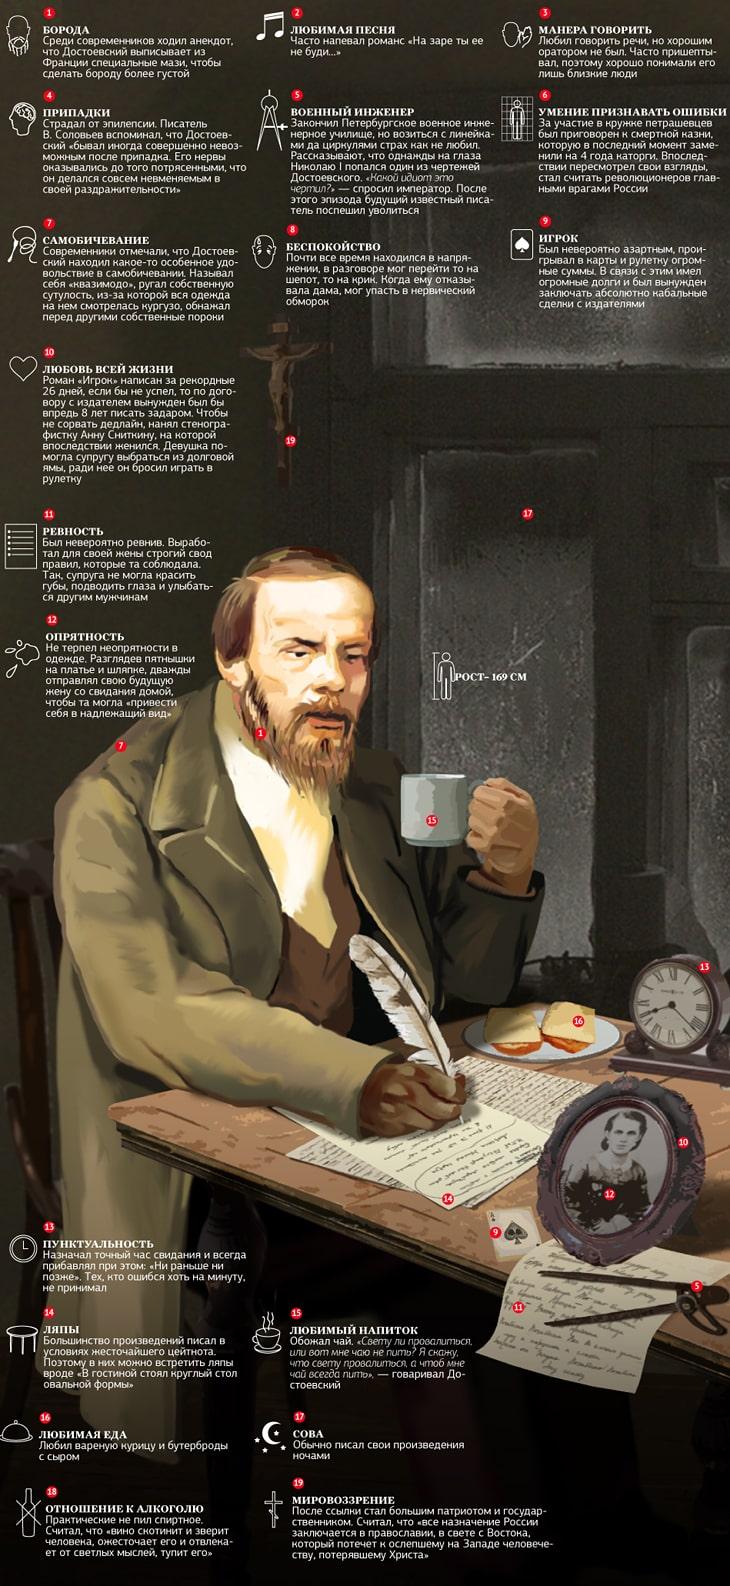 Fedor-Dostoevskiy-osobyie-primetyi